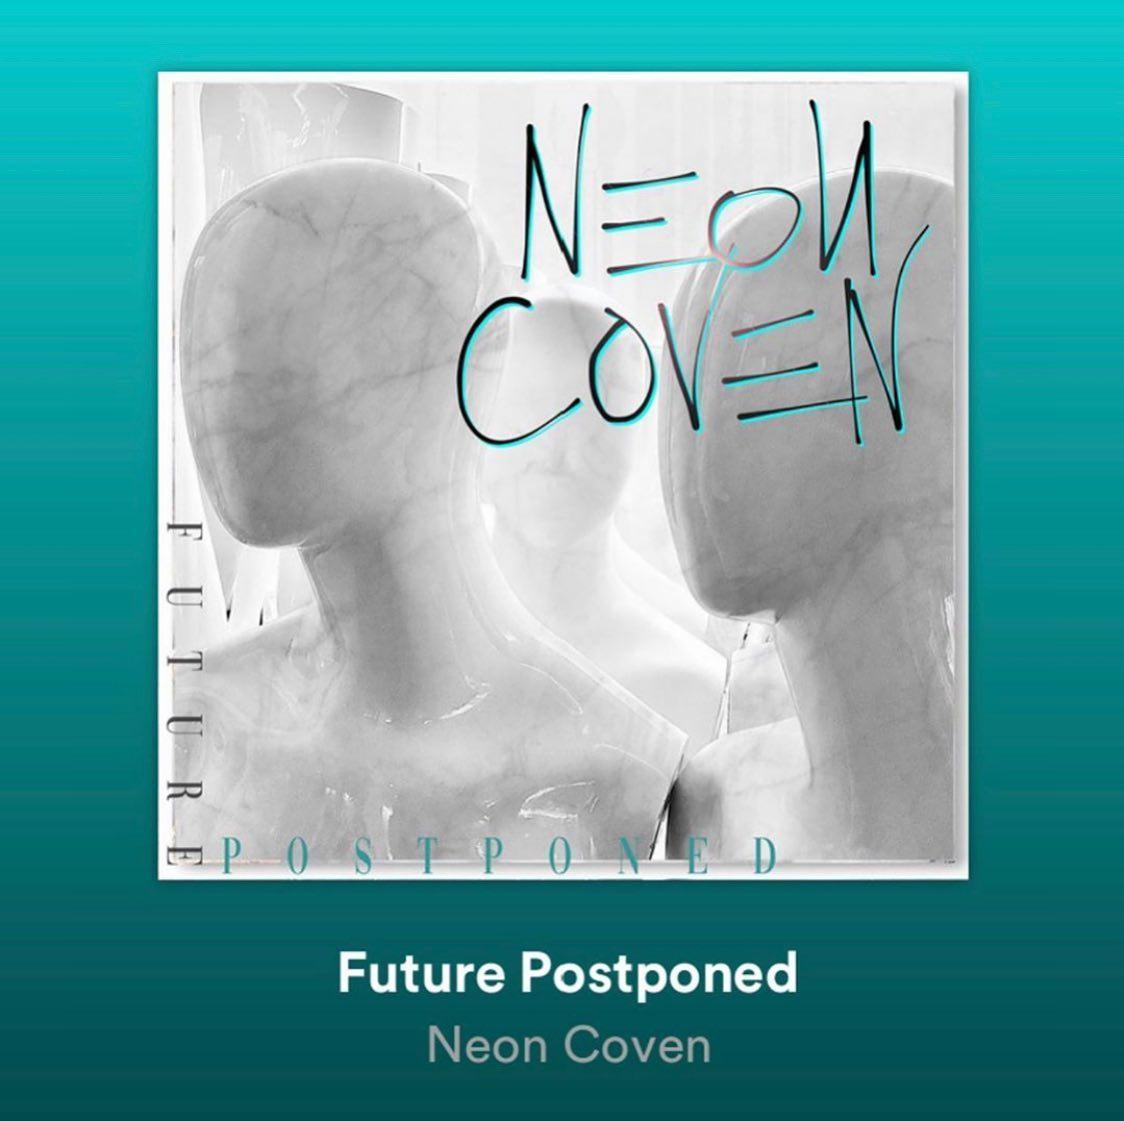 featured neon coven album